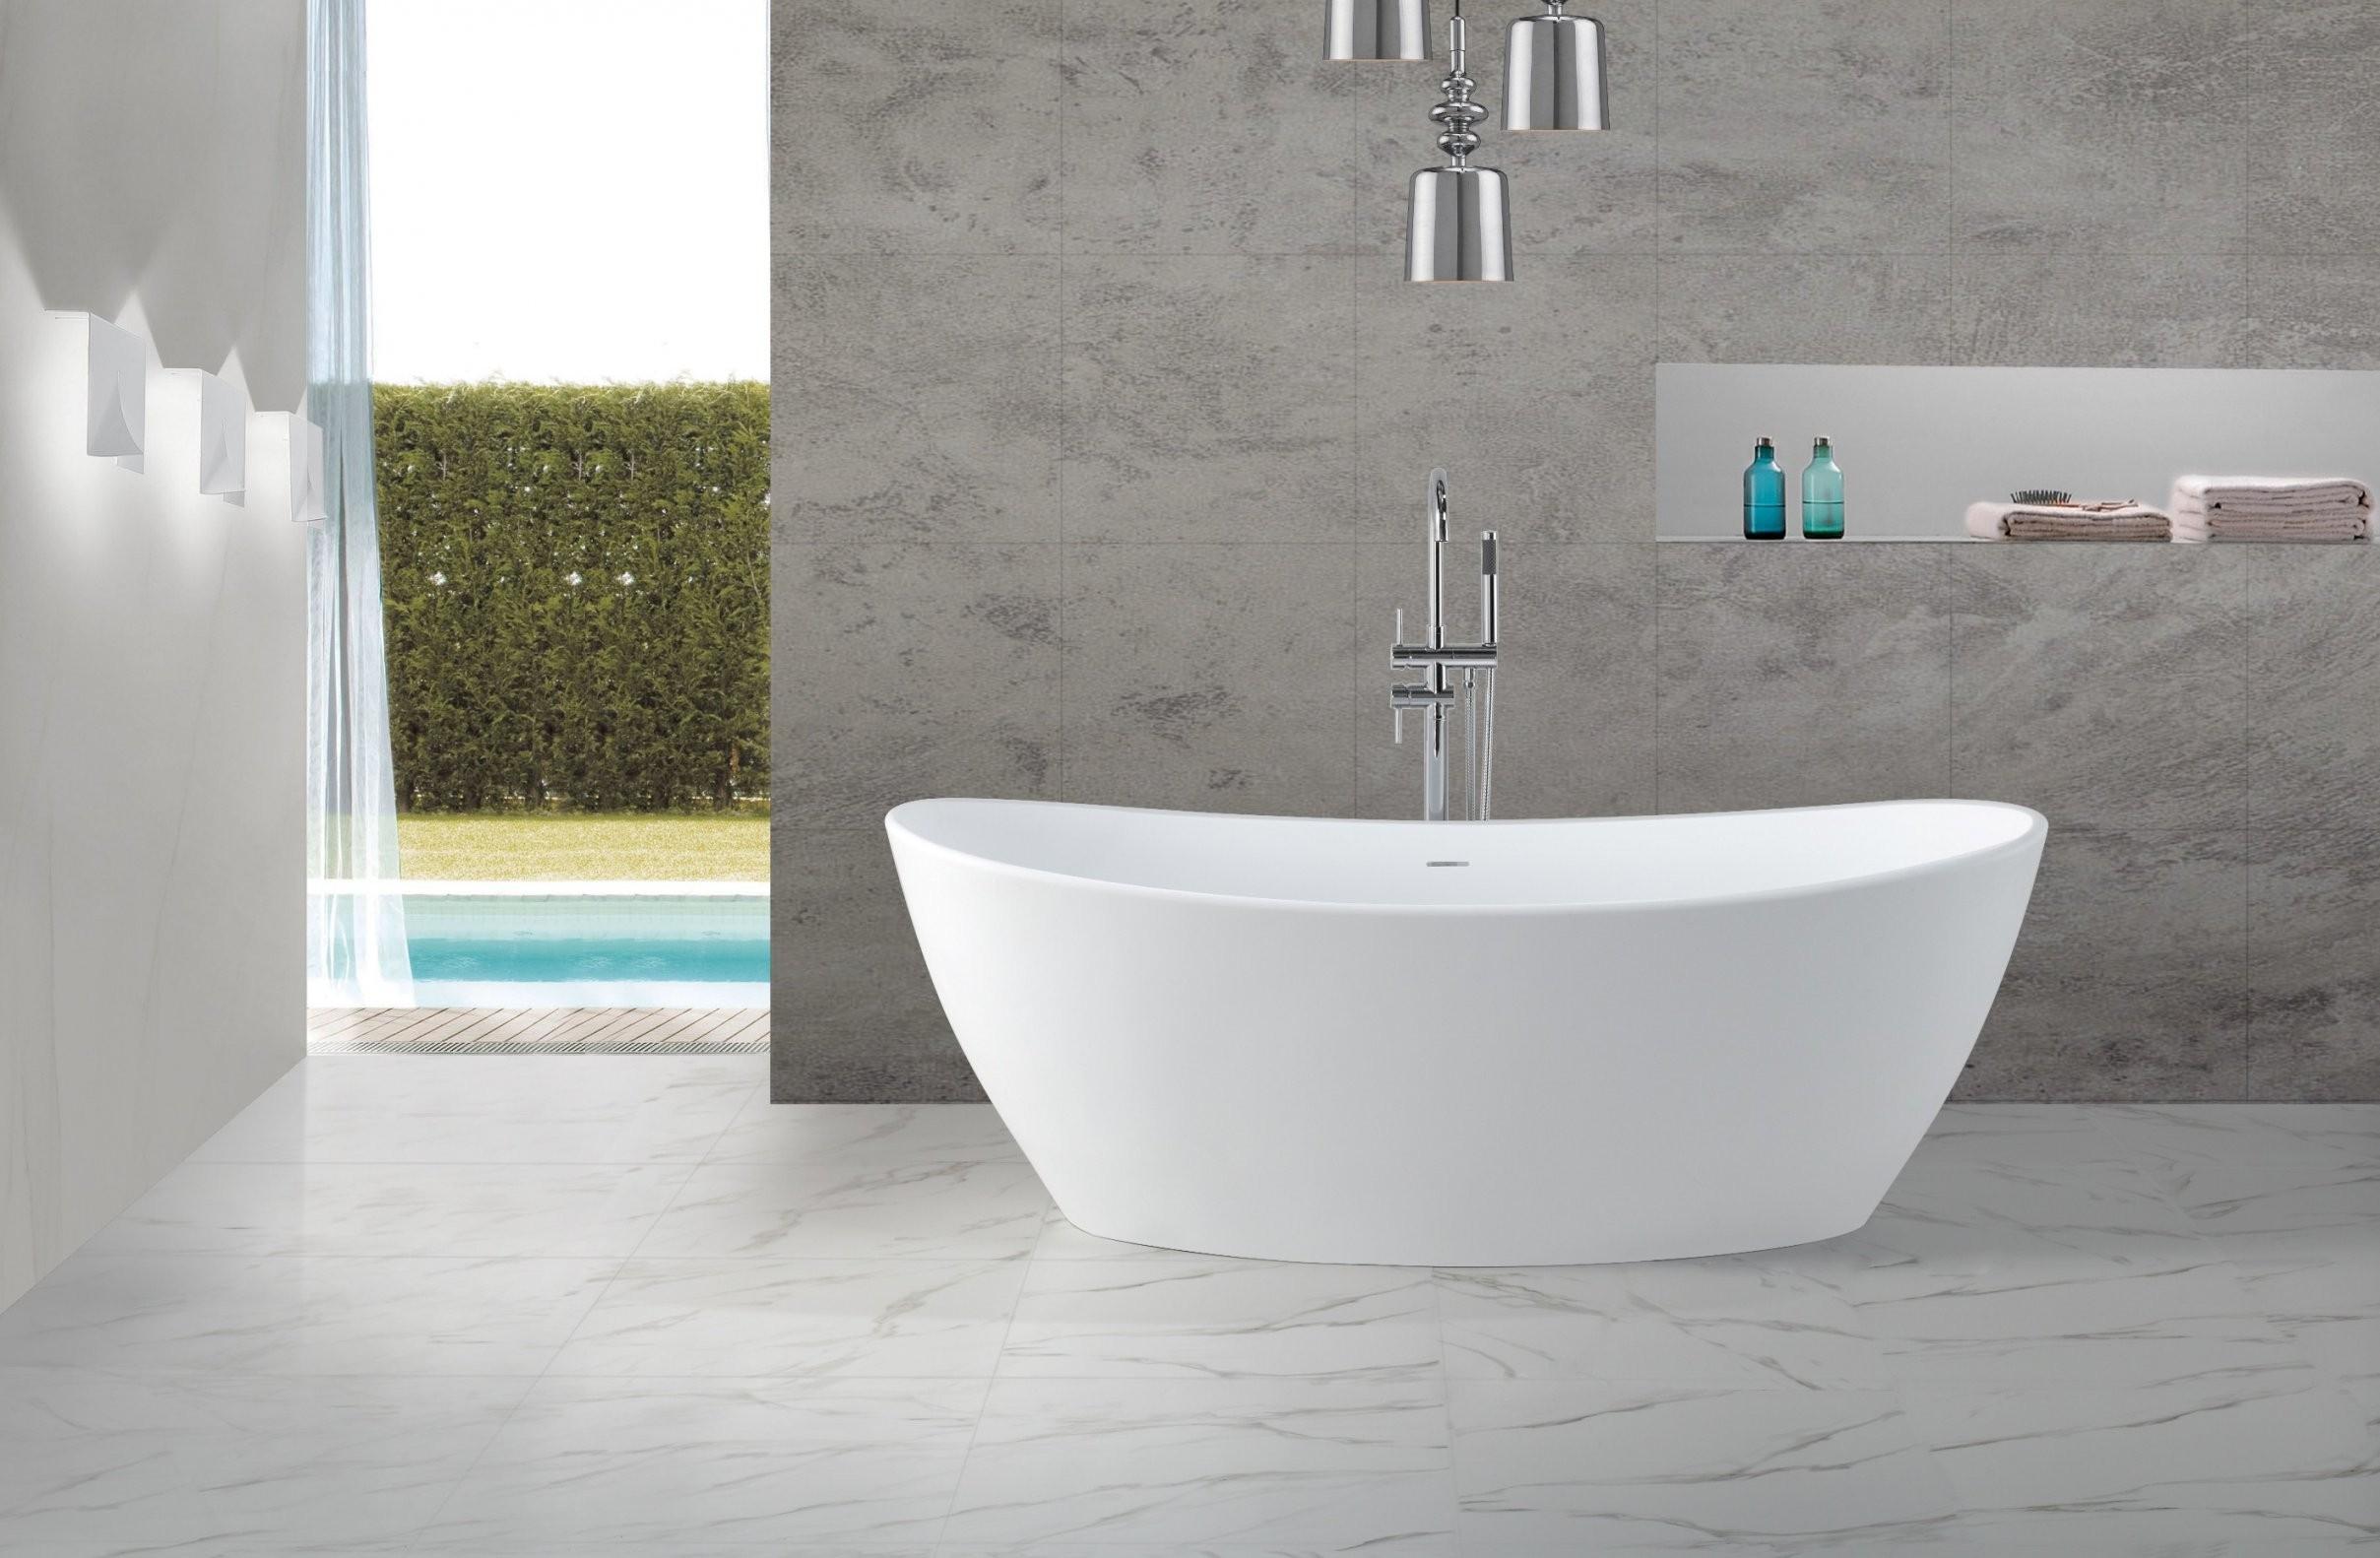 Freistehende Badewanne Bewertung  Haus Ideen von Freistehende Badewanne Erfahrungen Bild